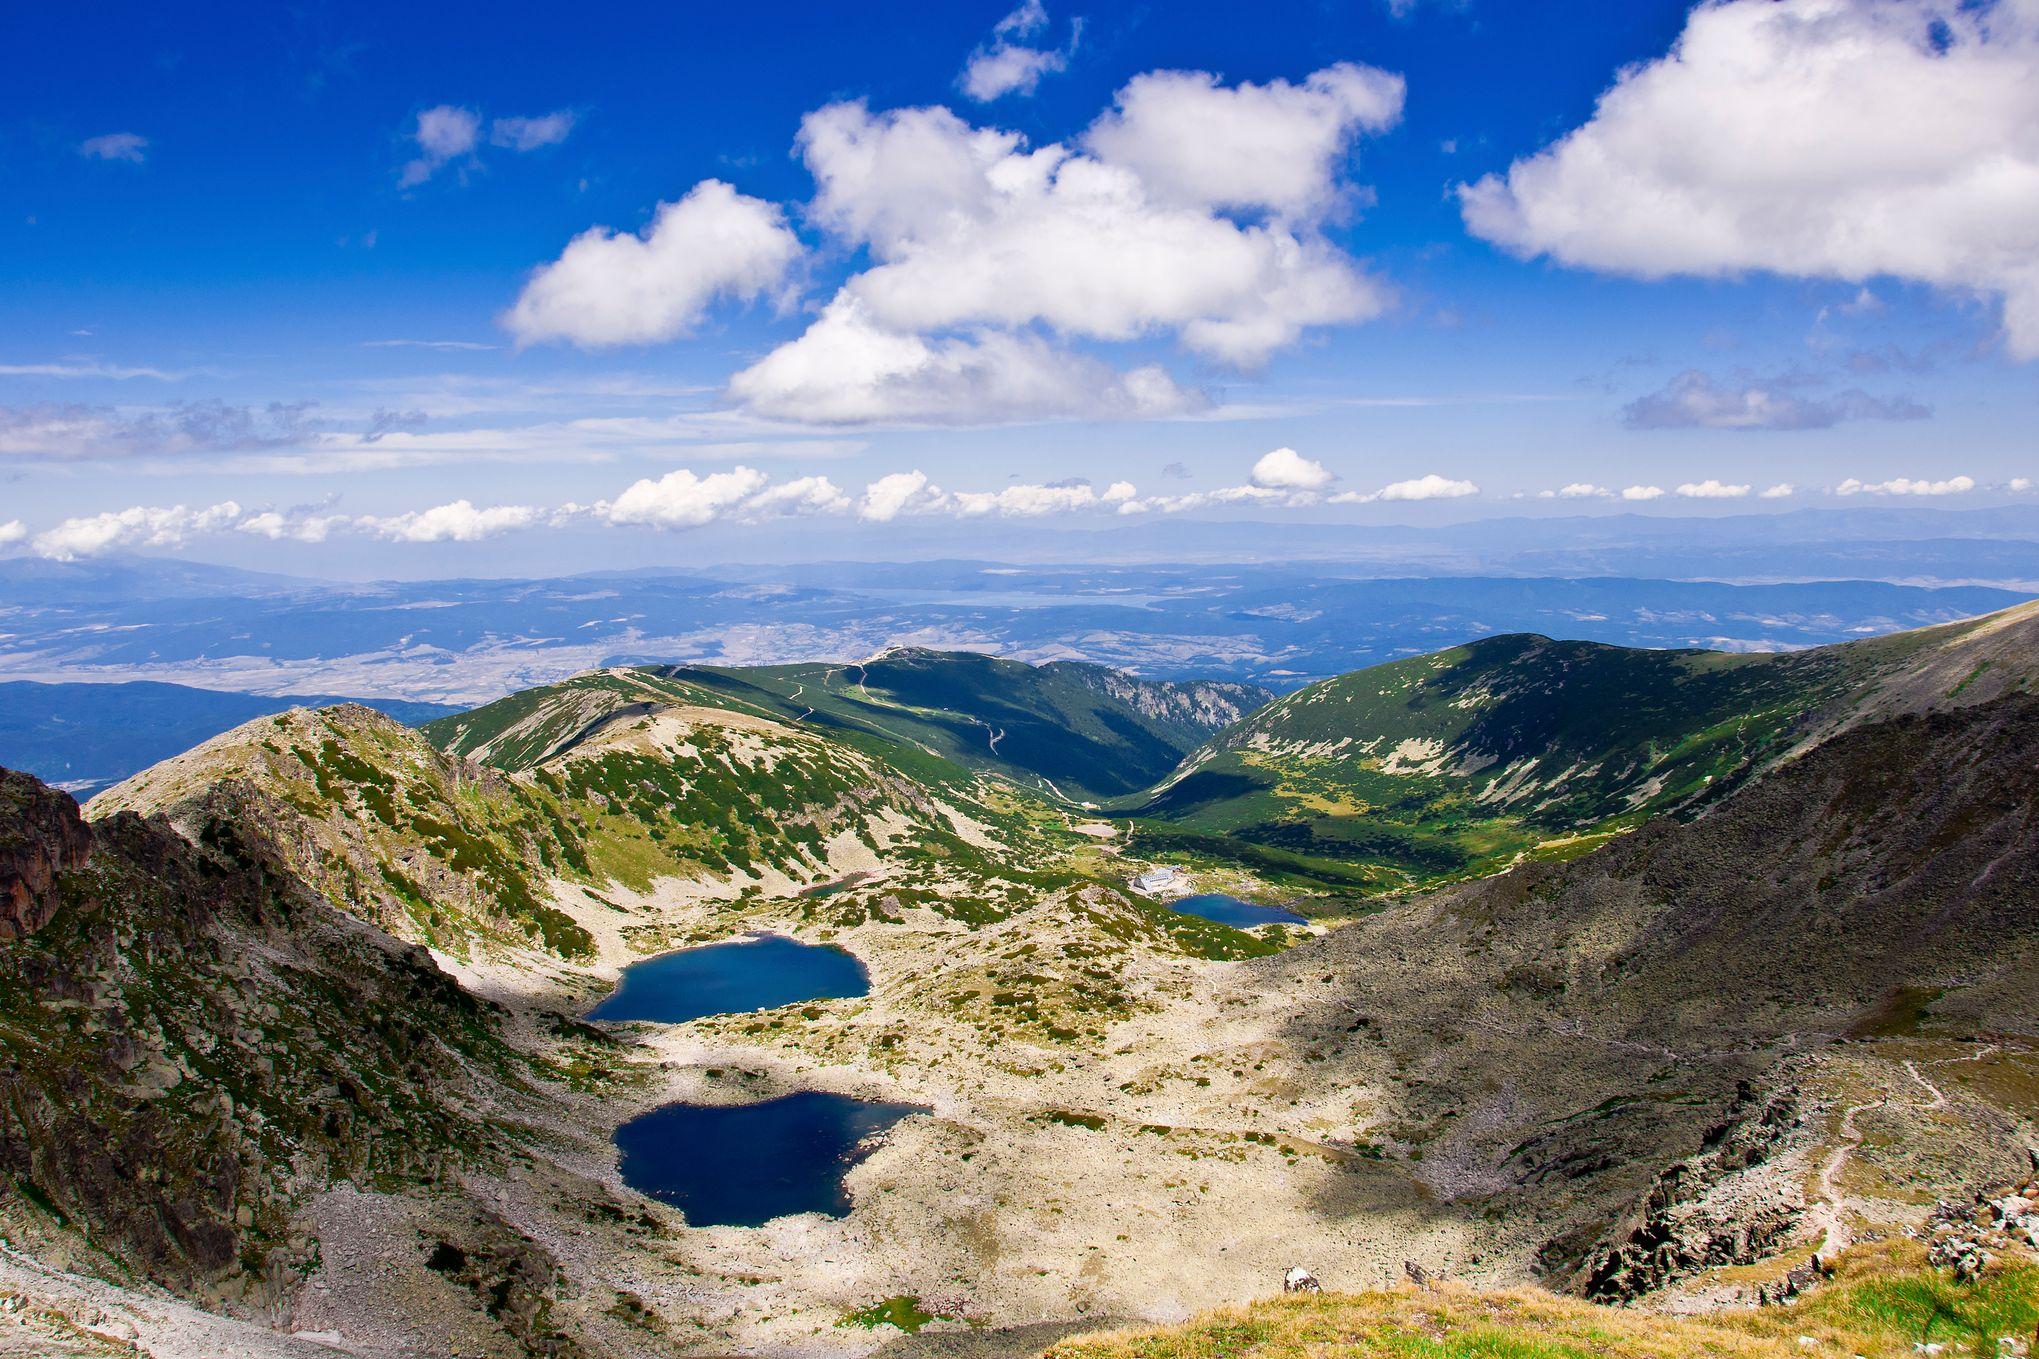 Семь озер в Рильских горах, Болгария